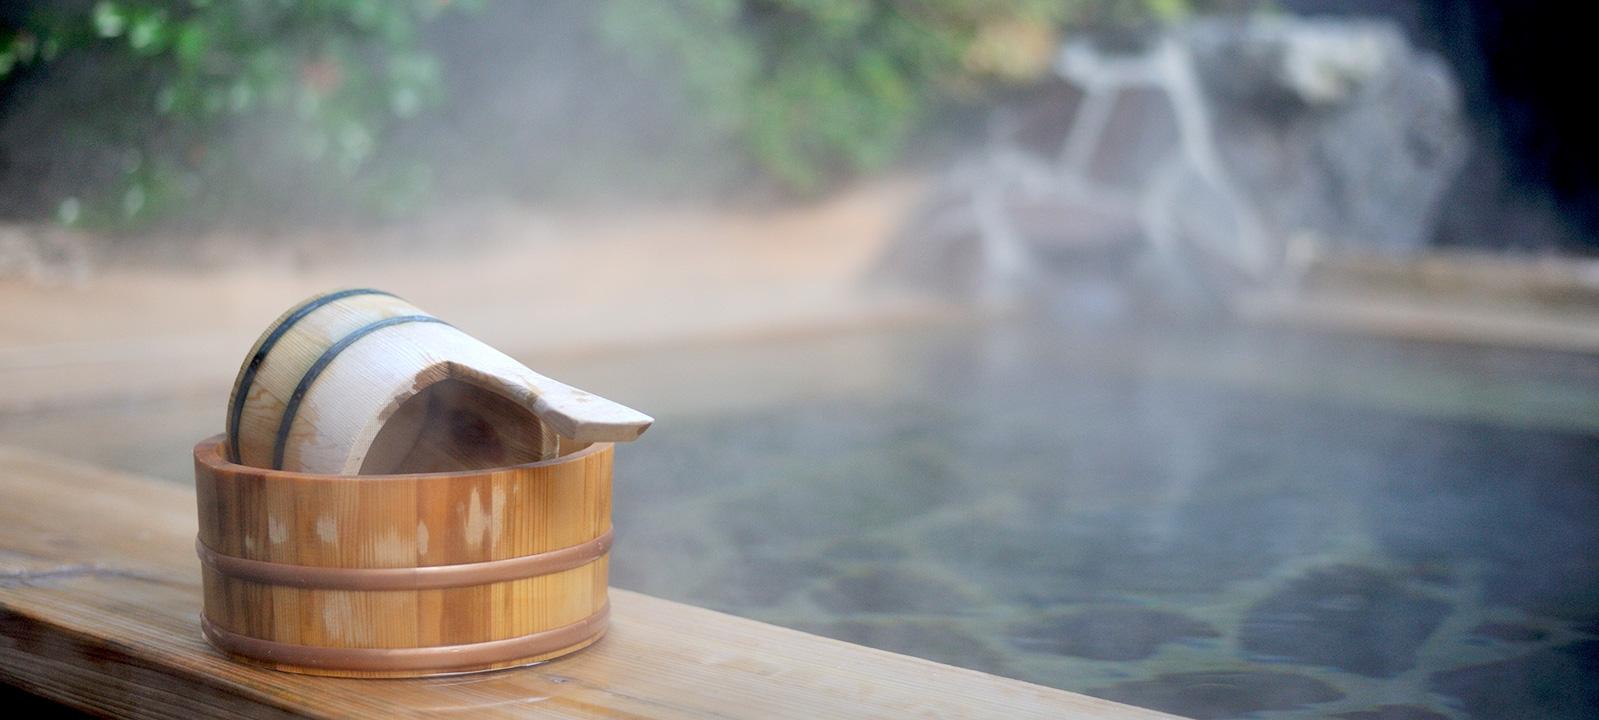 日光の温泉宿ランキングTOP7!格安・秘湯!カップルにもおすすめ!